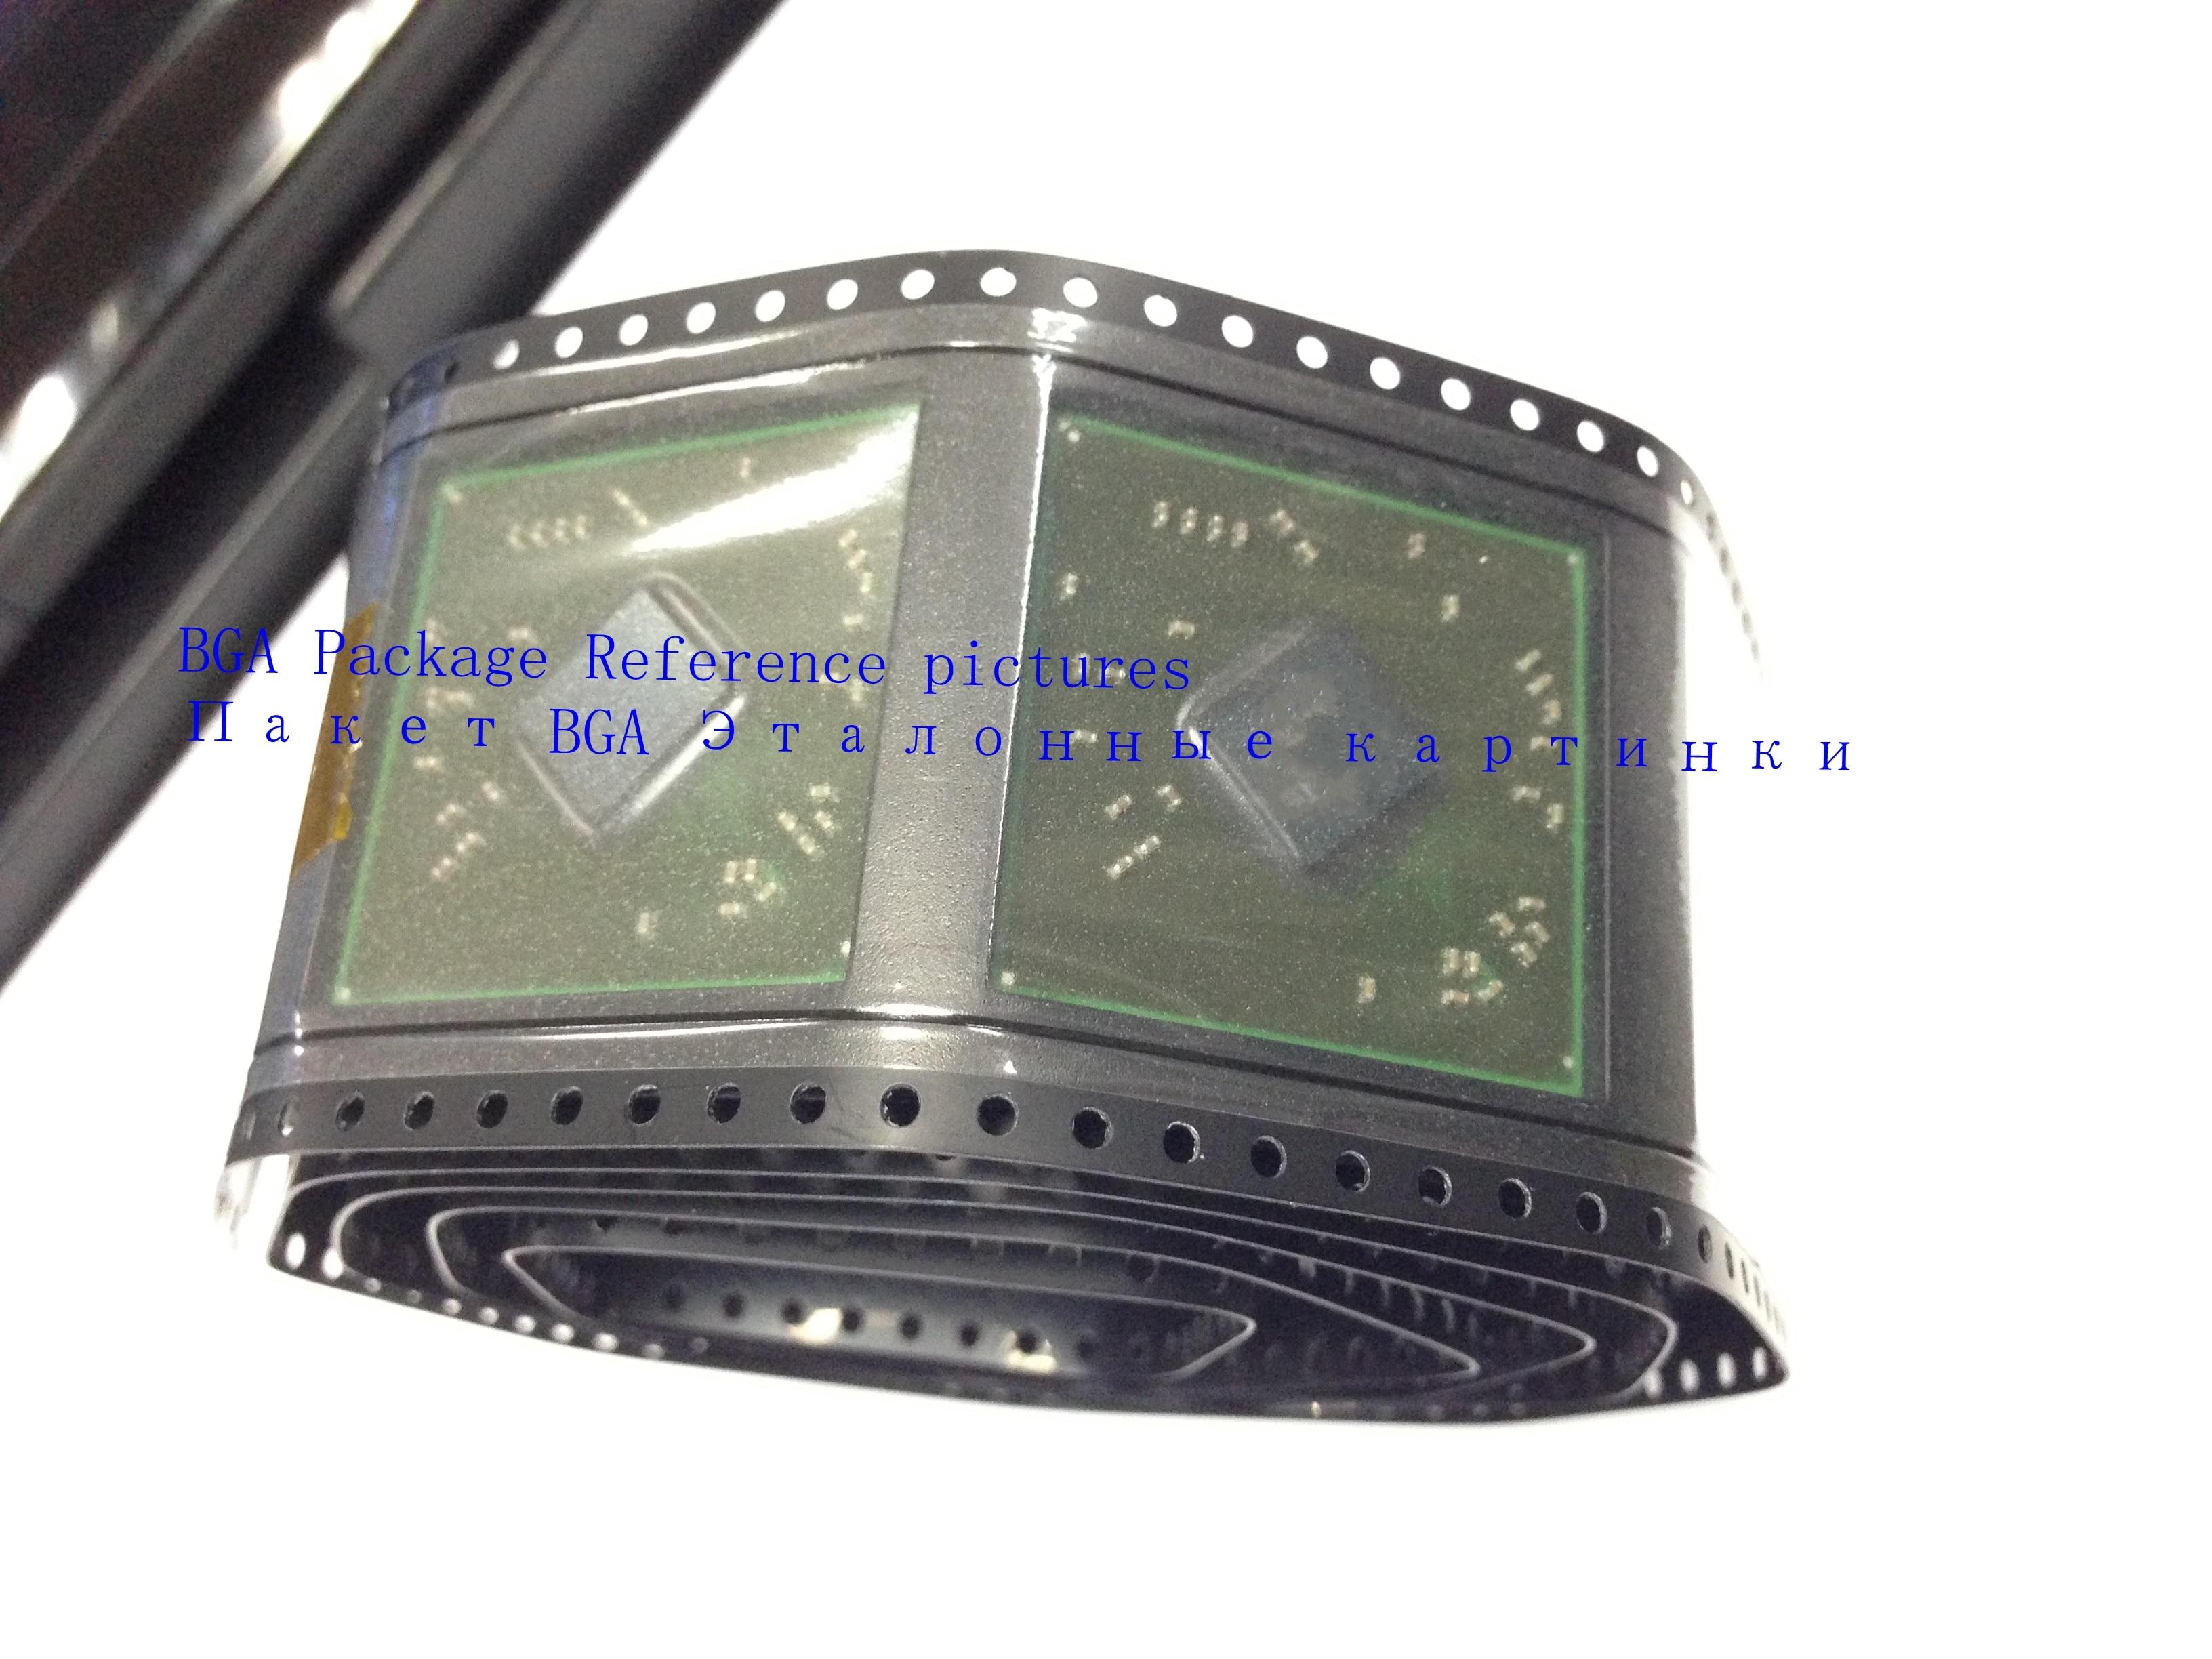 1 pcs/lot 100% Nouveau G94-701-A1 G94 701 A1 Chipset BGA1 pcs/lot 100% Nouveau G94-701-A1 G94 701 A1 Chipset BGA